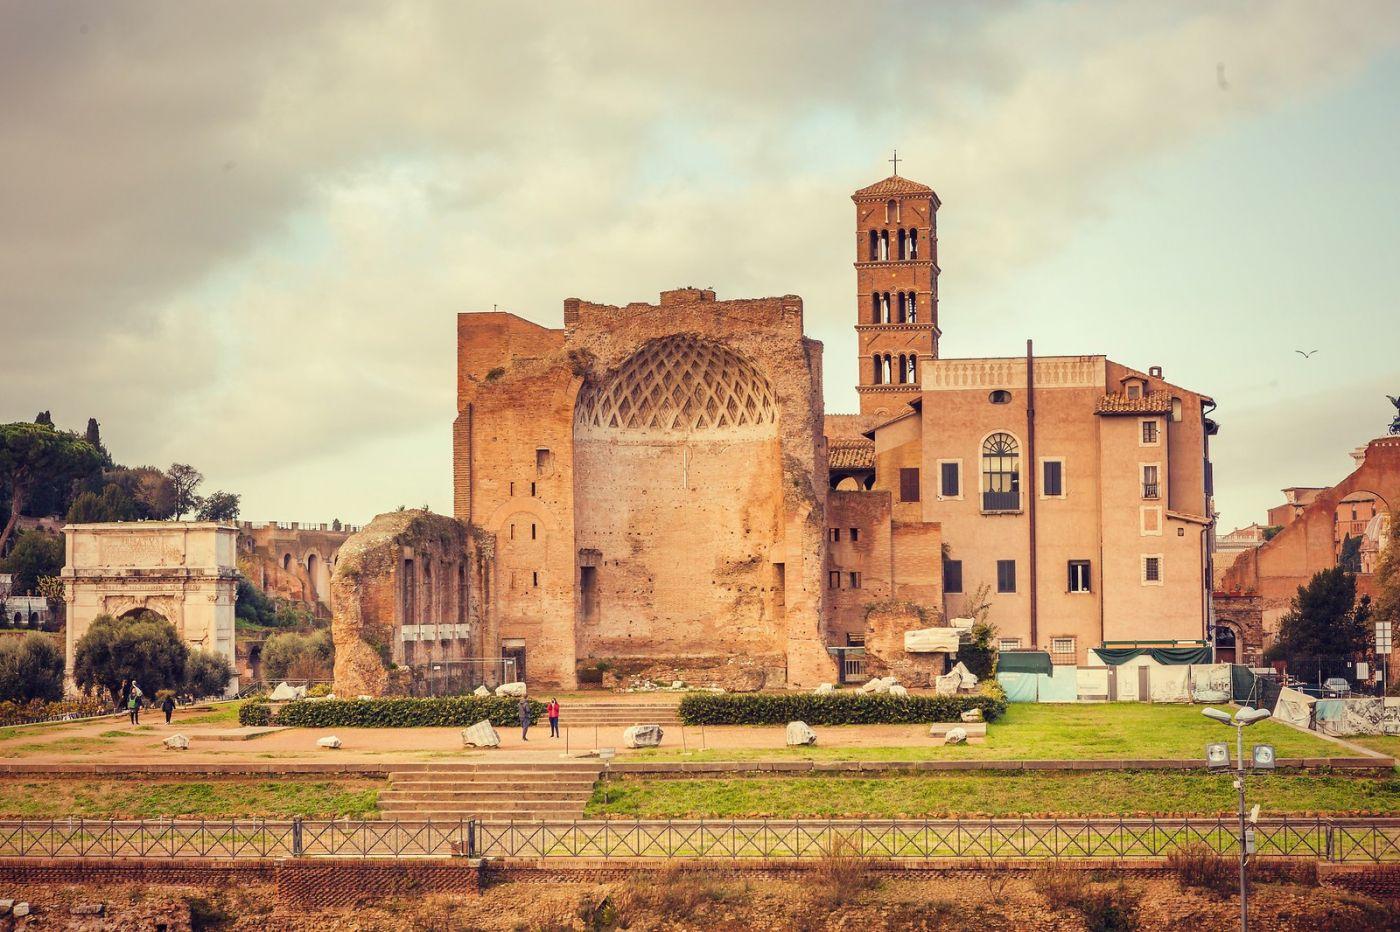 意大利罗马论坛,很敬佩_图1-16